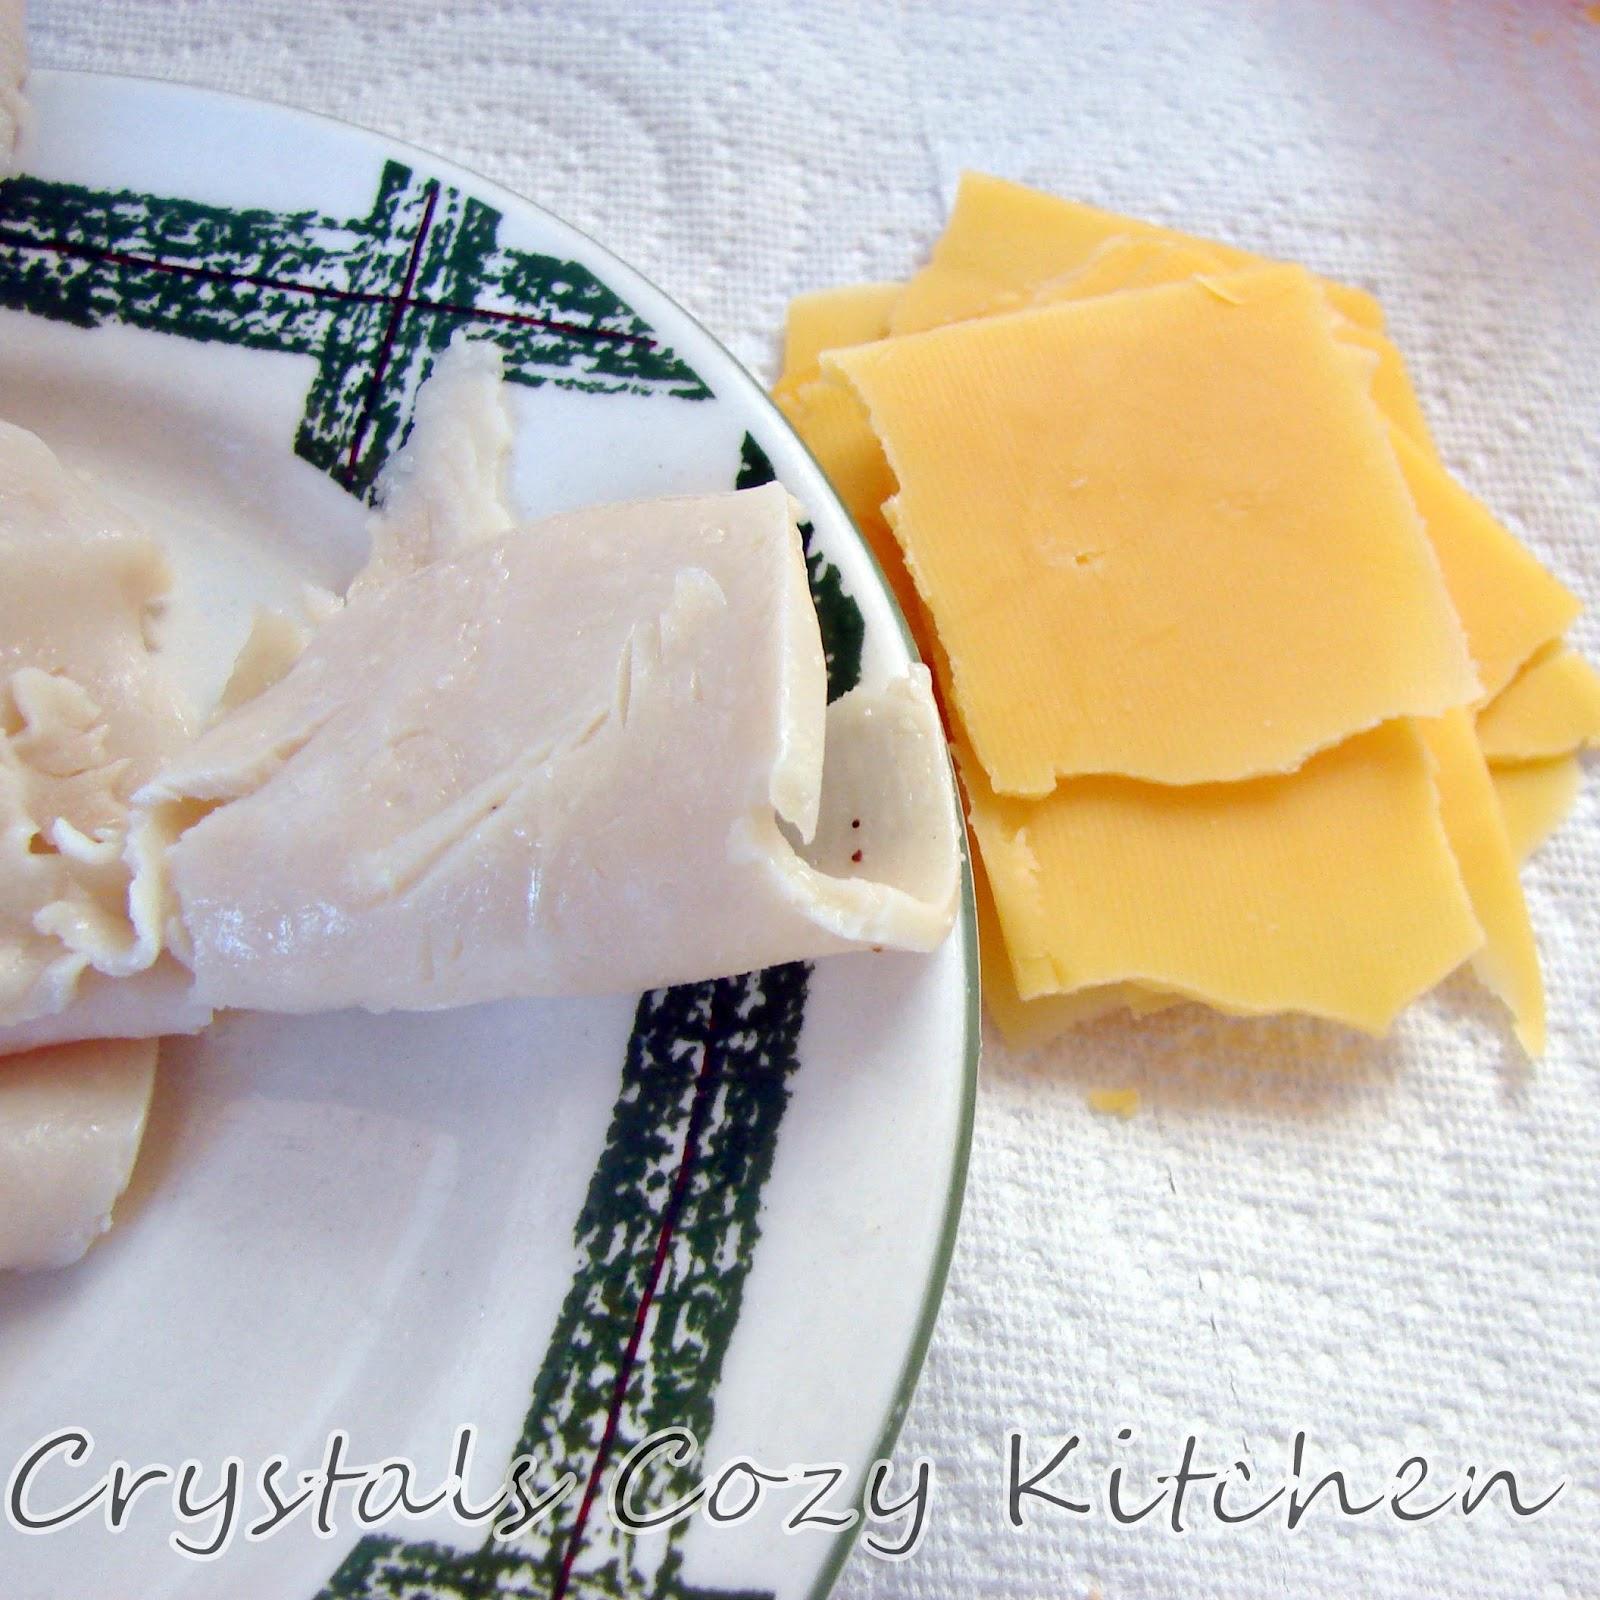 crystal 39 s cozy kitchen biscuit 39 sandiwches 39